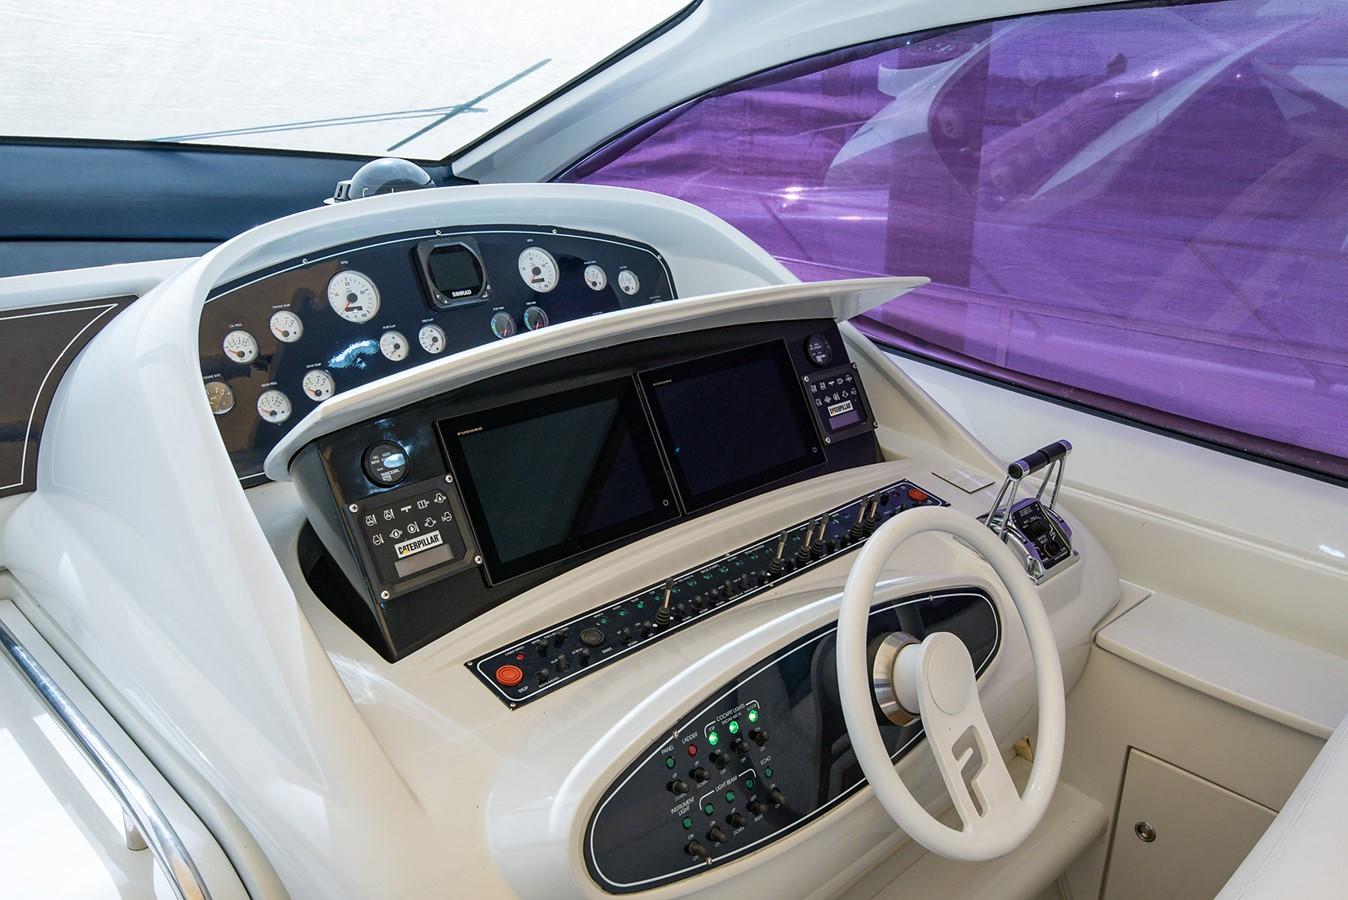 2000 PERSHING 65 Motor Yacht 2350386